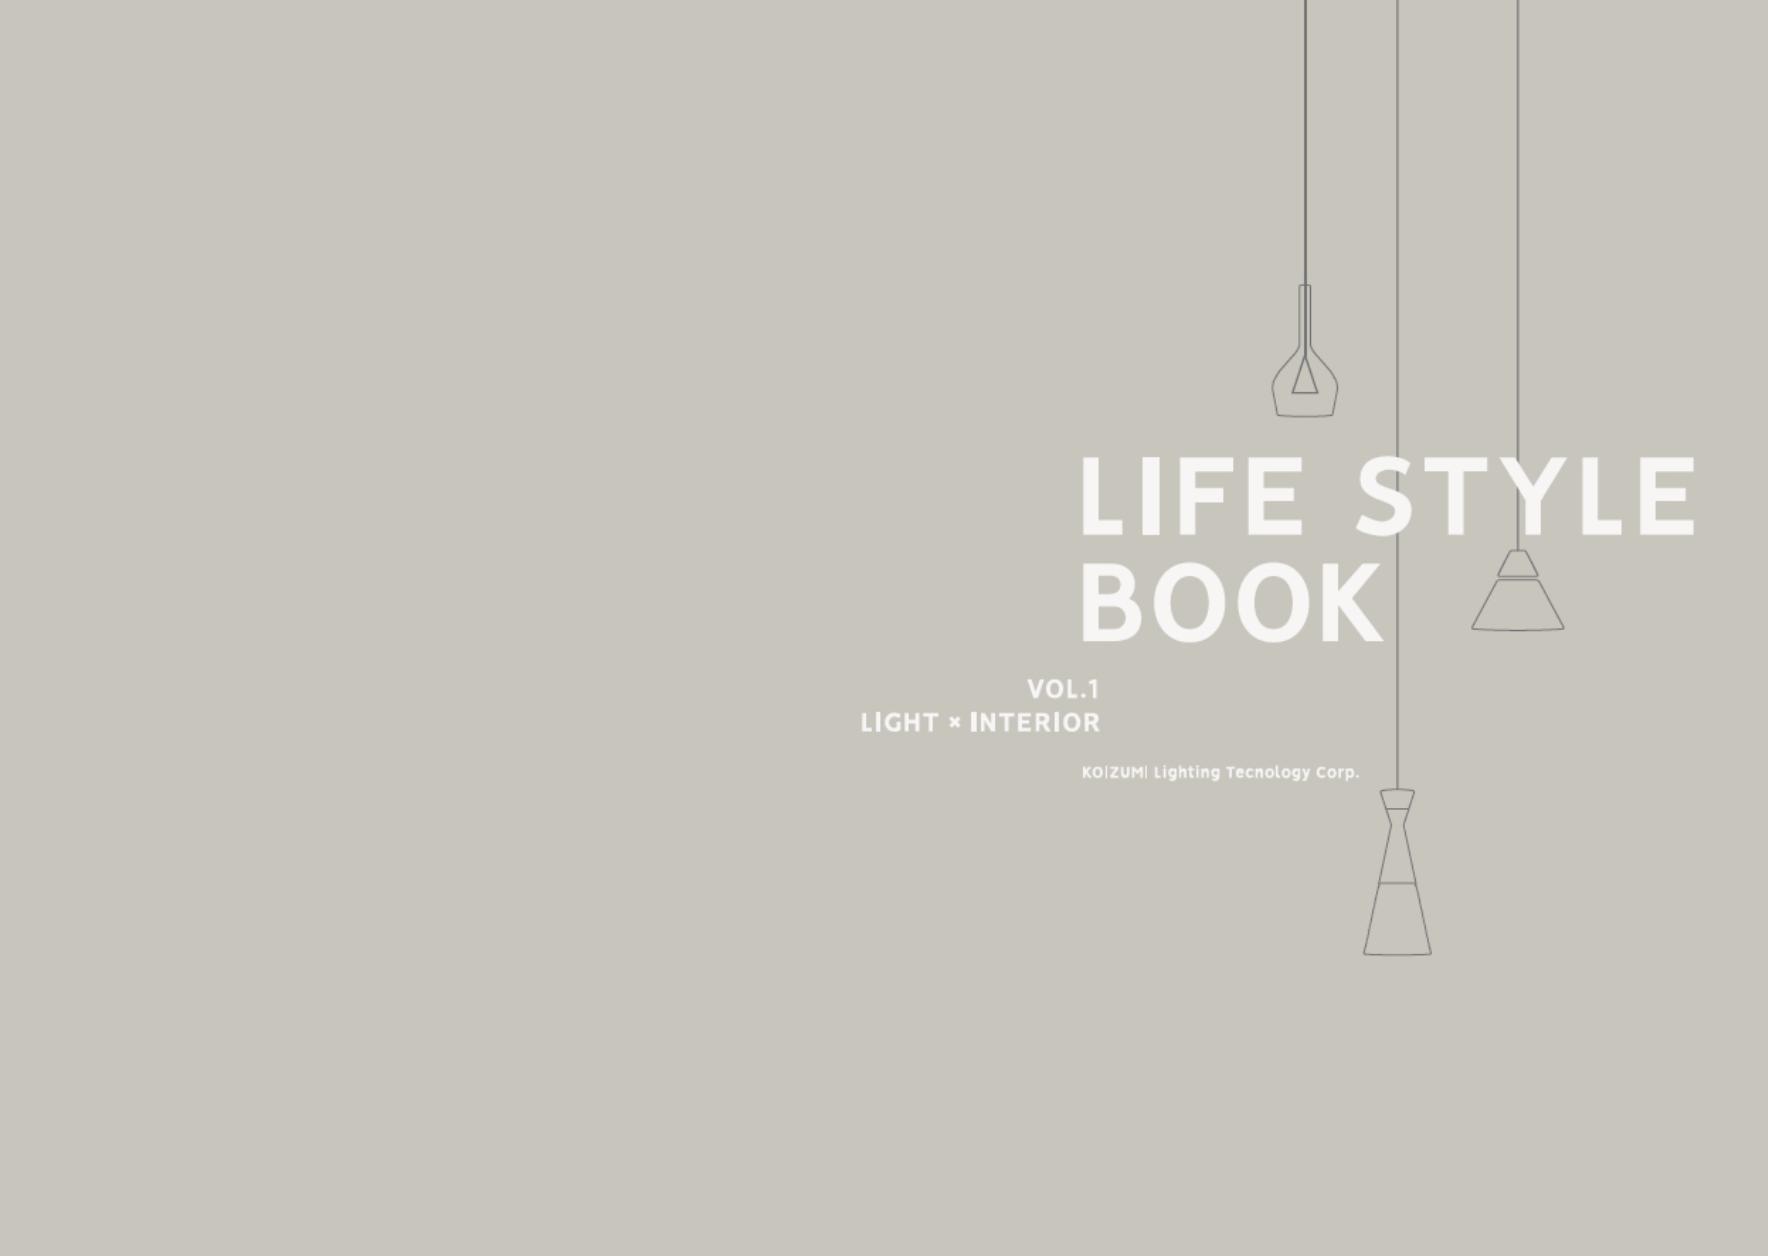 【コイズミ照明】「LIFE STYLE BOOK vol.1」発刊の画像